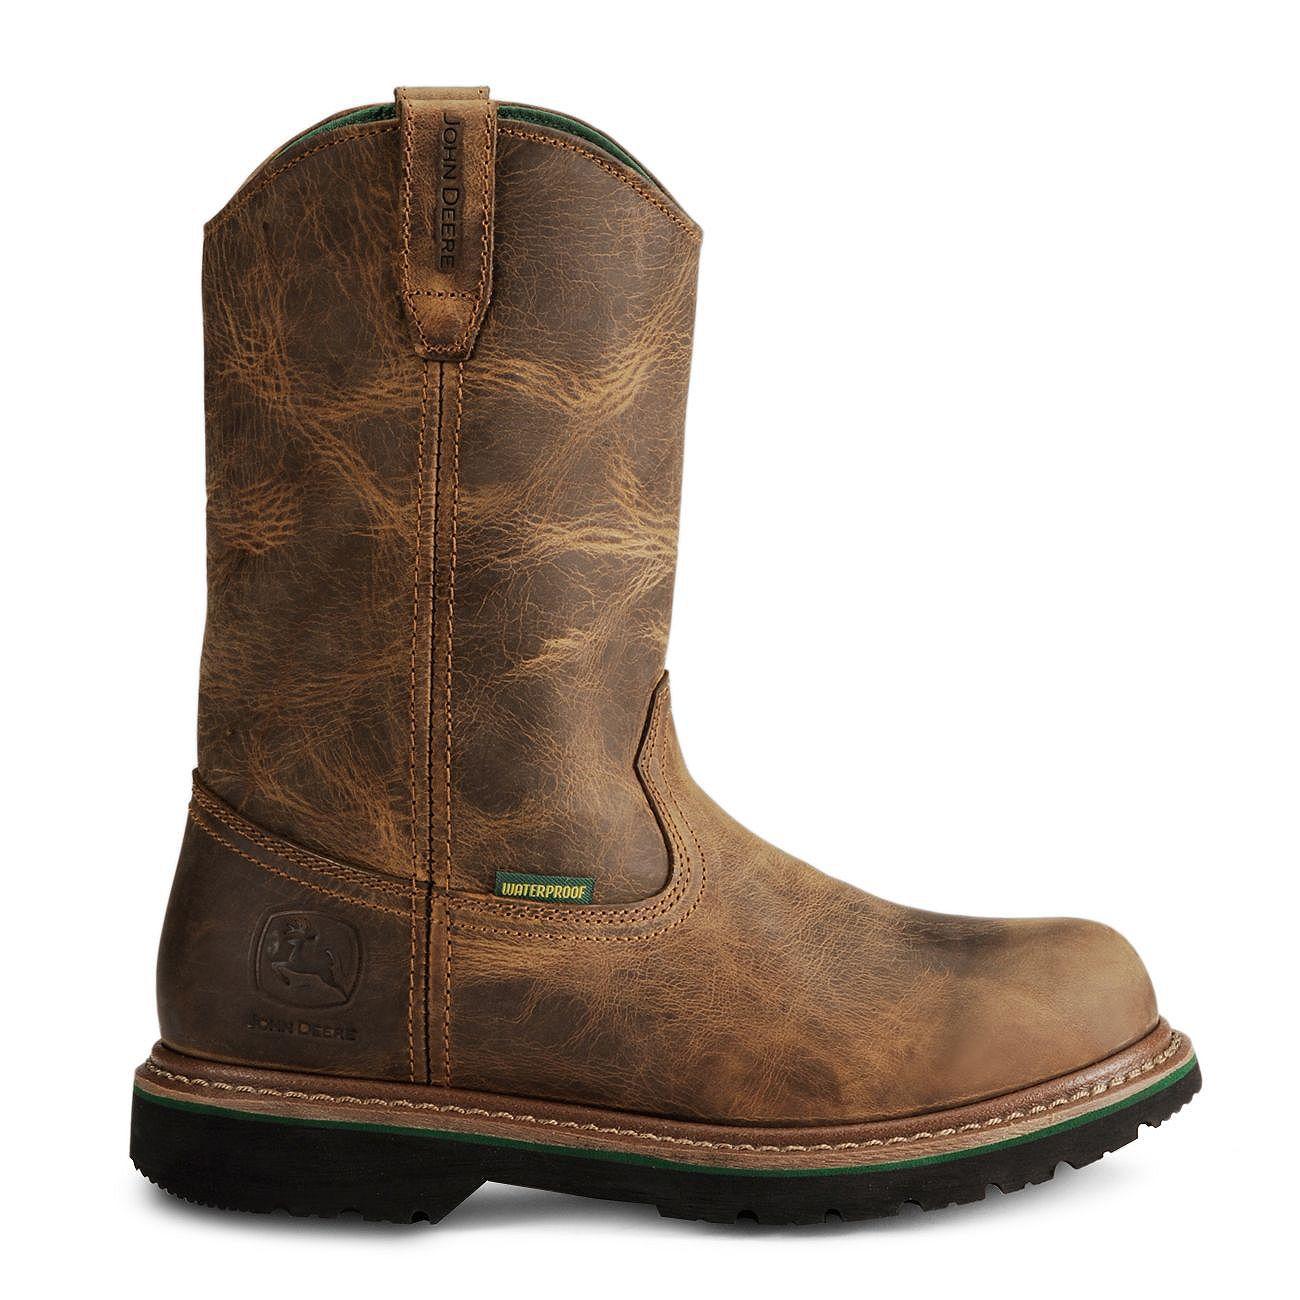 John Deere Men's Waterproof ... Wellington Work Boots aXNp6g